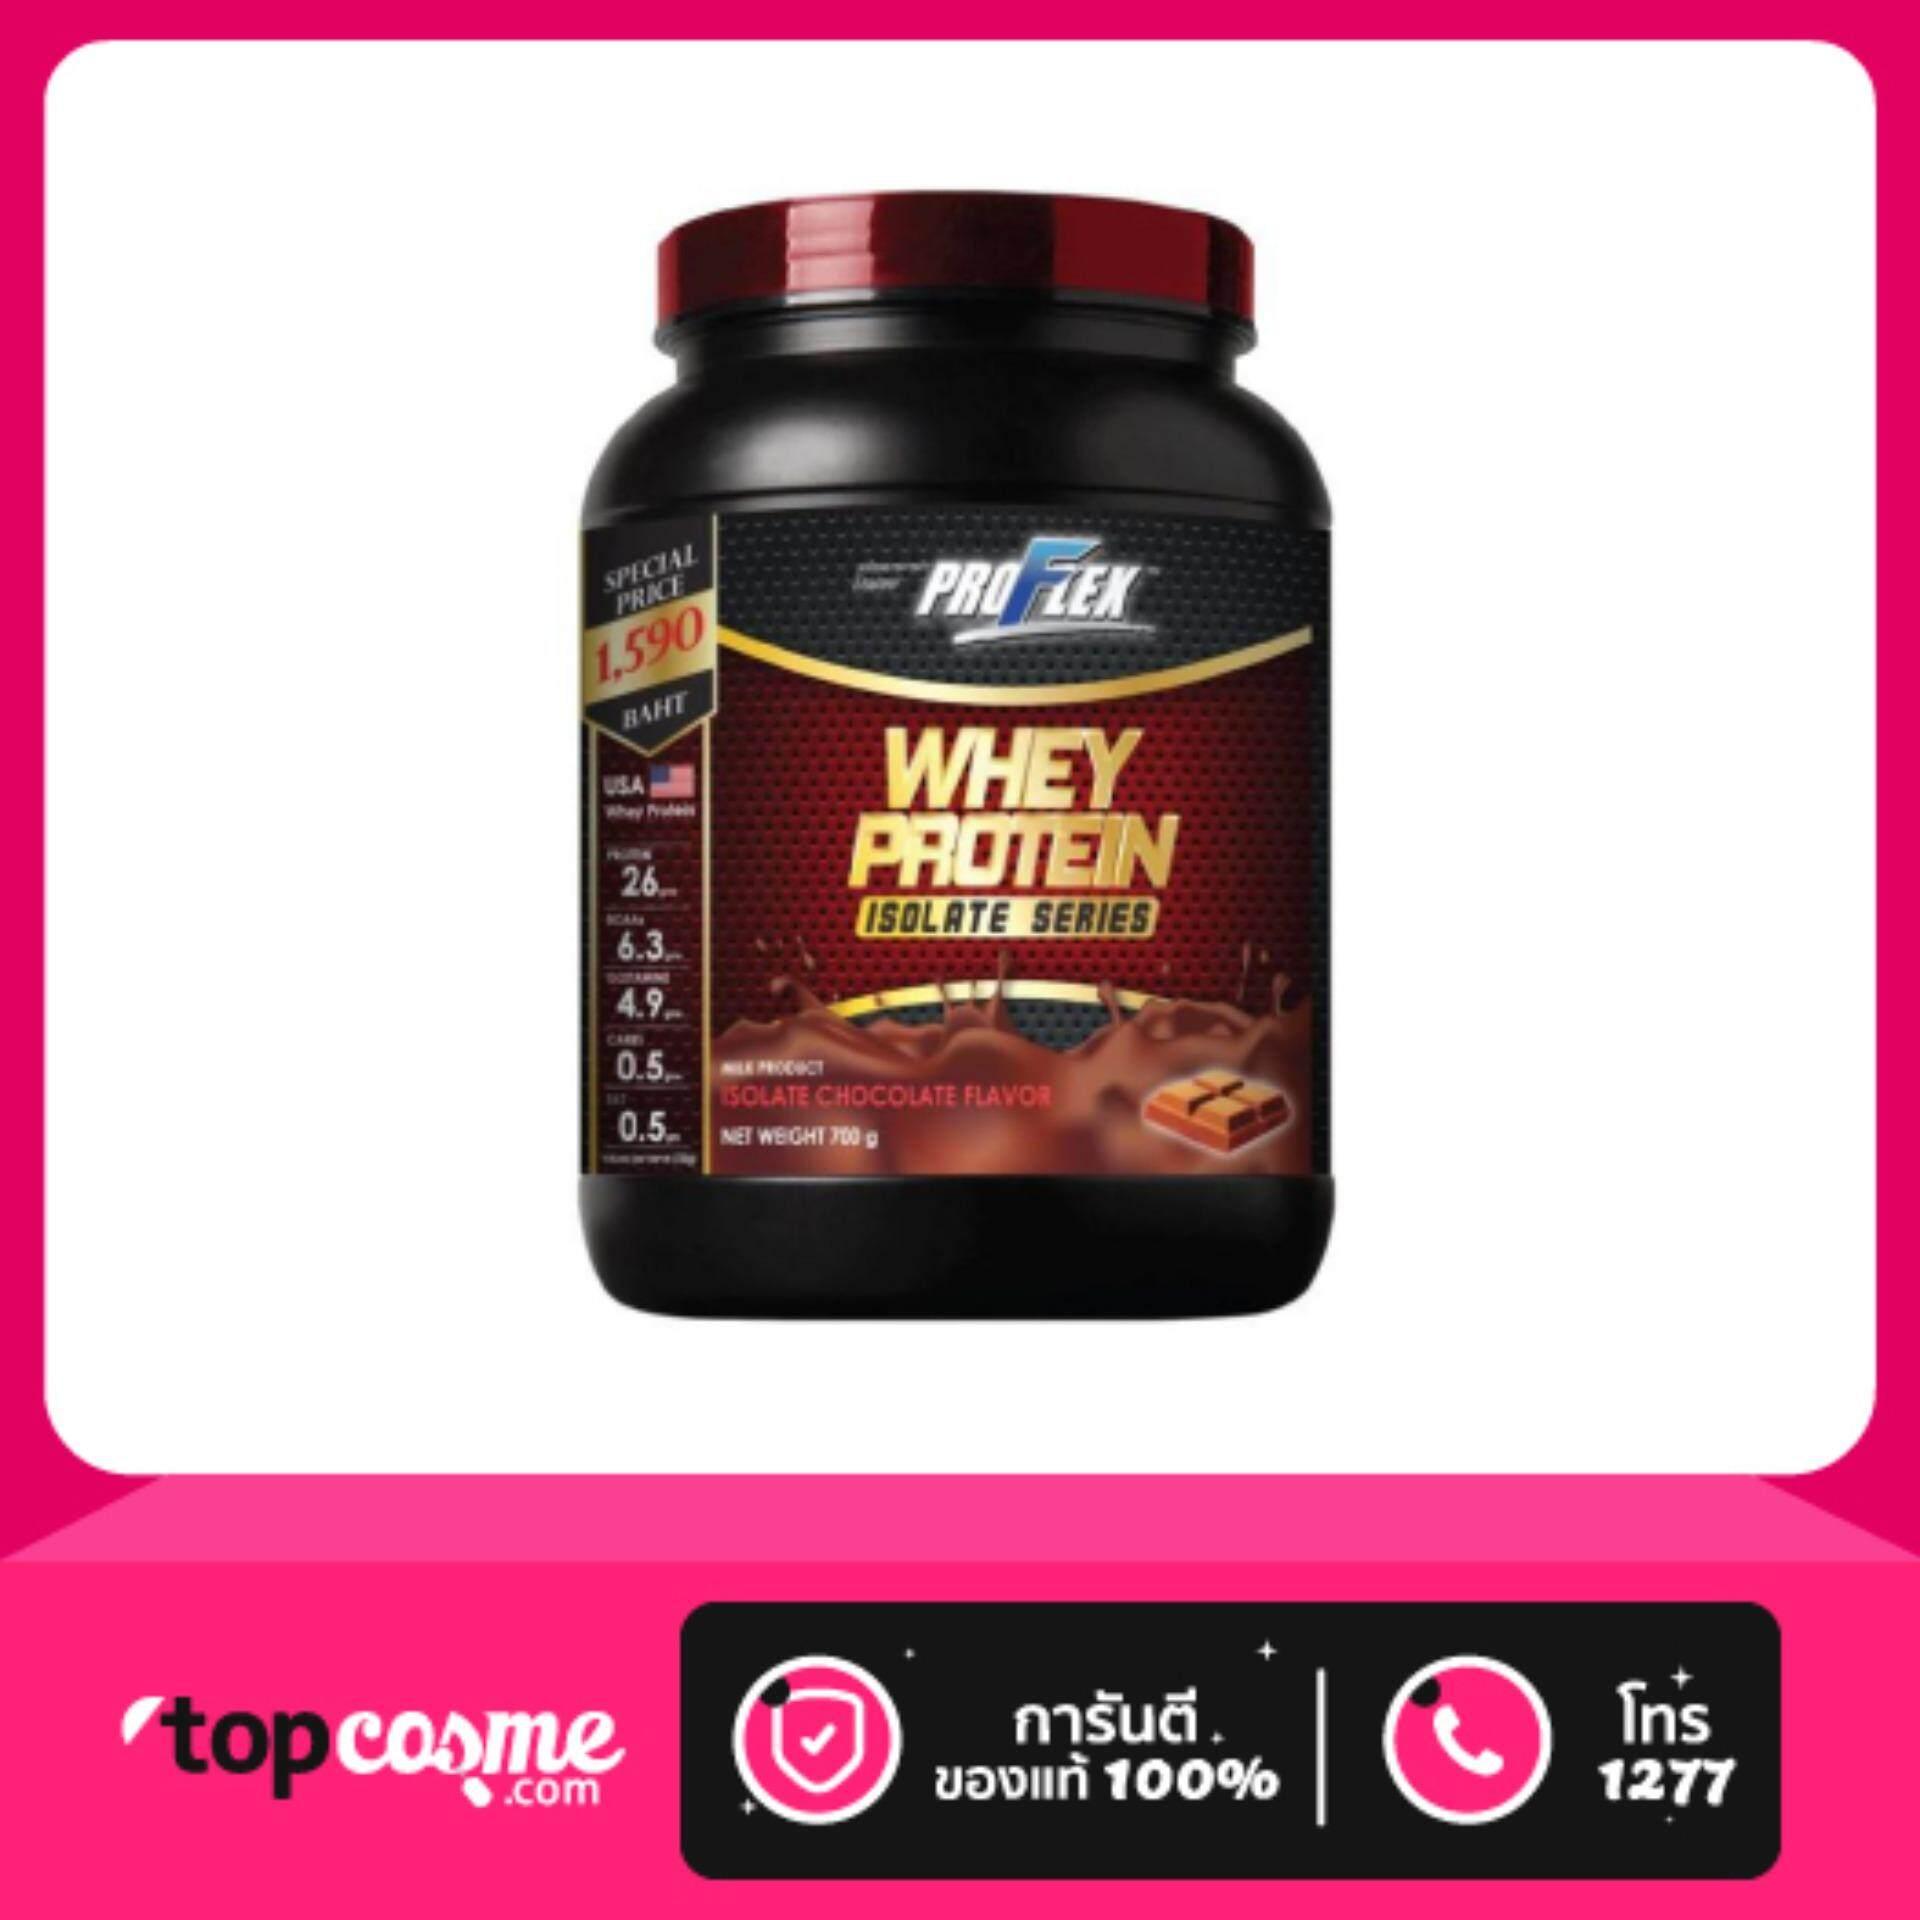 โปรเฟล็กซ์ เวย์โปรตีน ไอโซเลท ช็อคโกแลต ProFlex Whey Protein Isolate Chocolate 700g